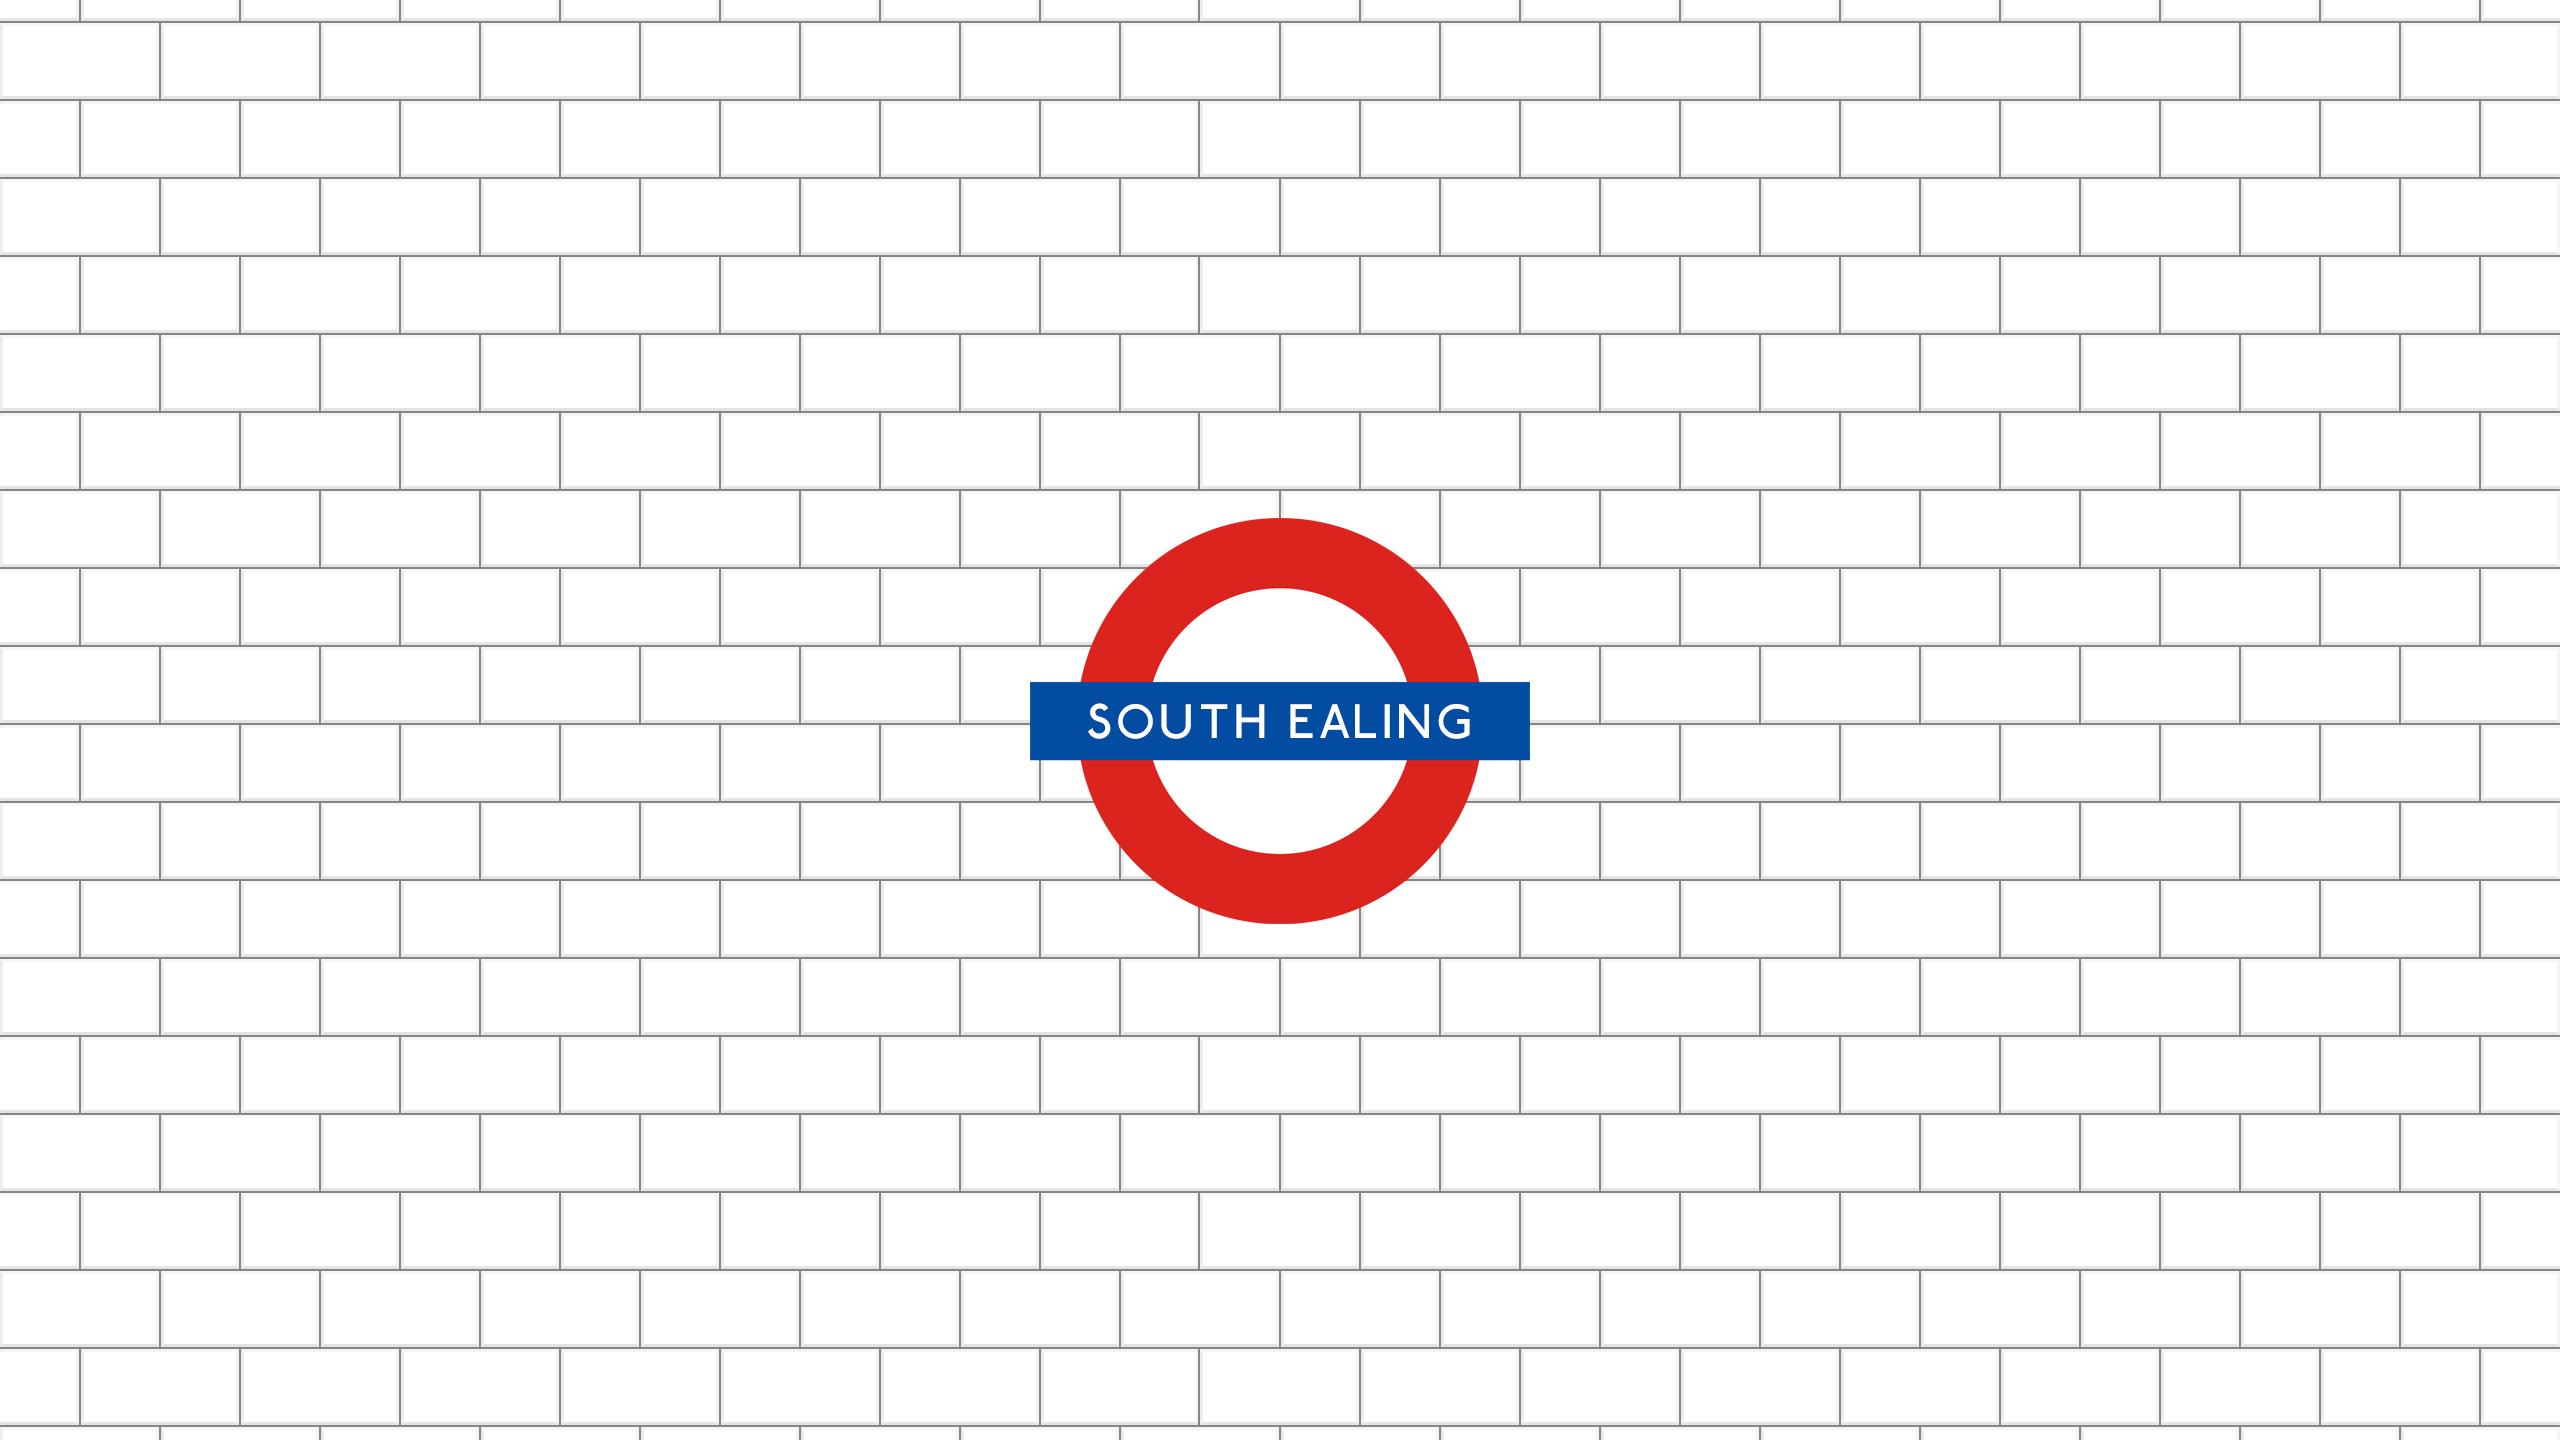 South Ealing